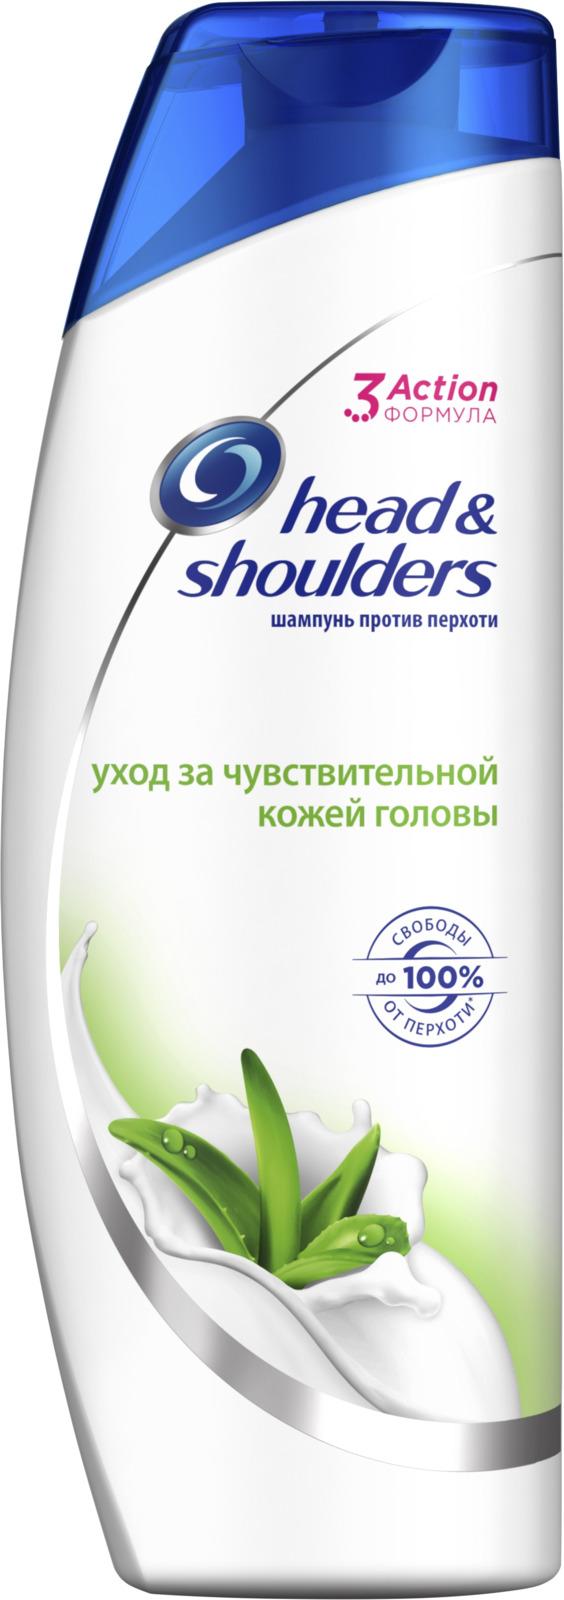 Шампунь против перхоти Head&Shoulders Уход за чувствительной кожей головы, с алоэ вера, 400 мл цена